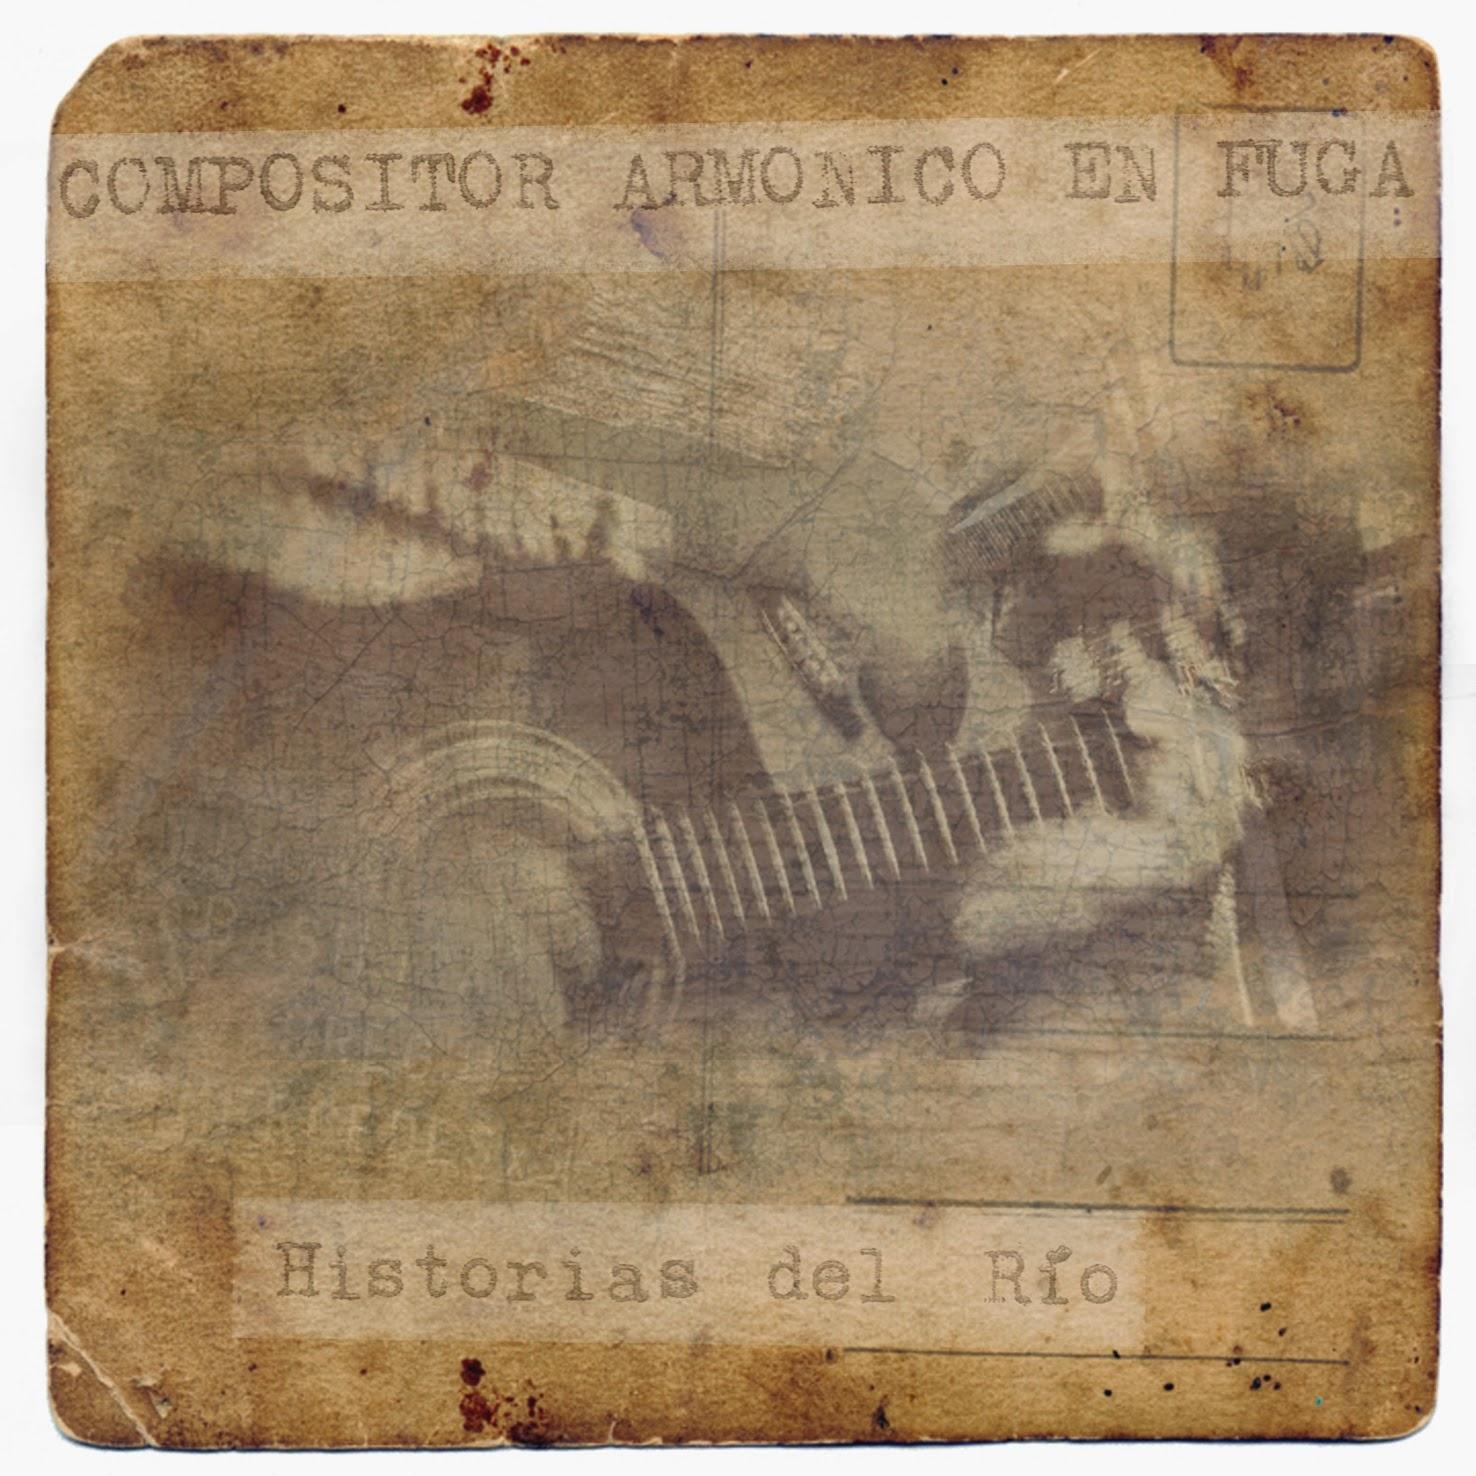 Compositor Armónico En Fuga - Historias del Río (2013)